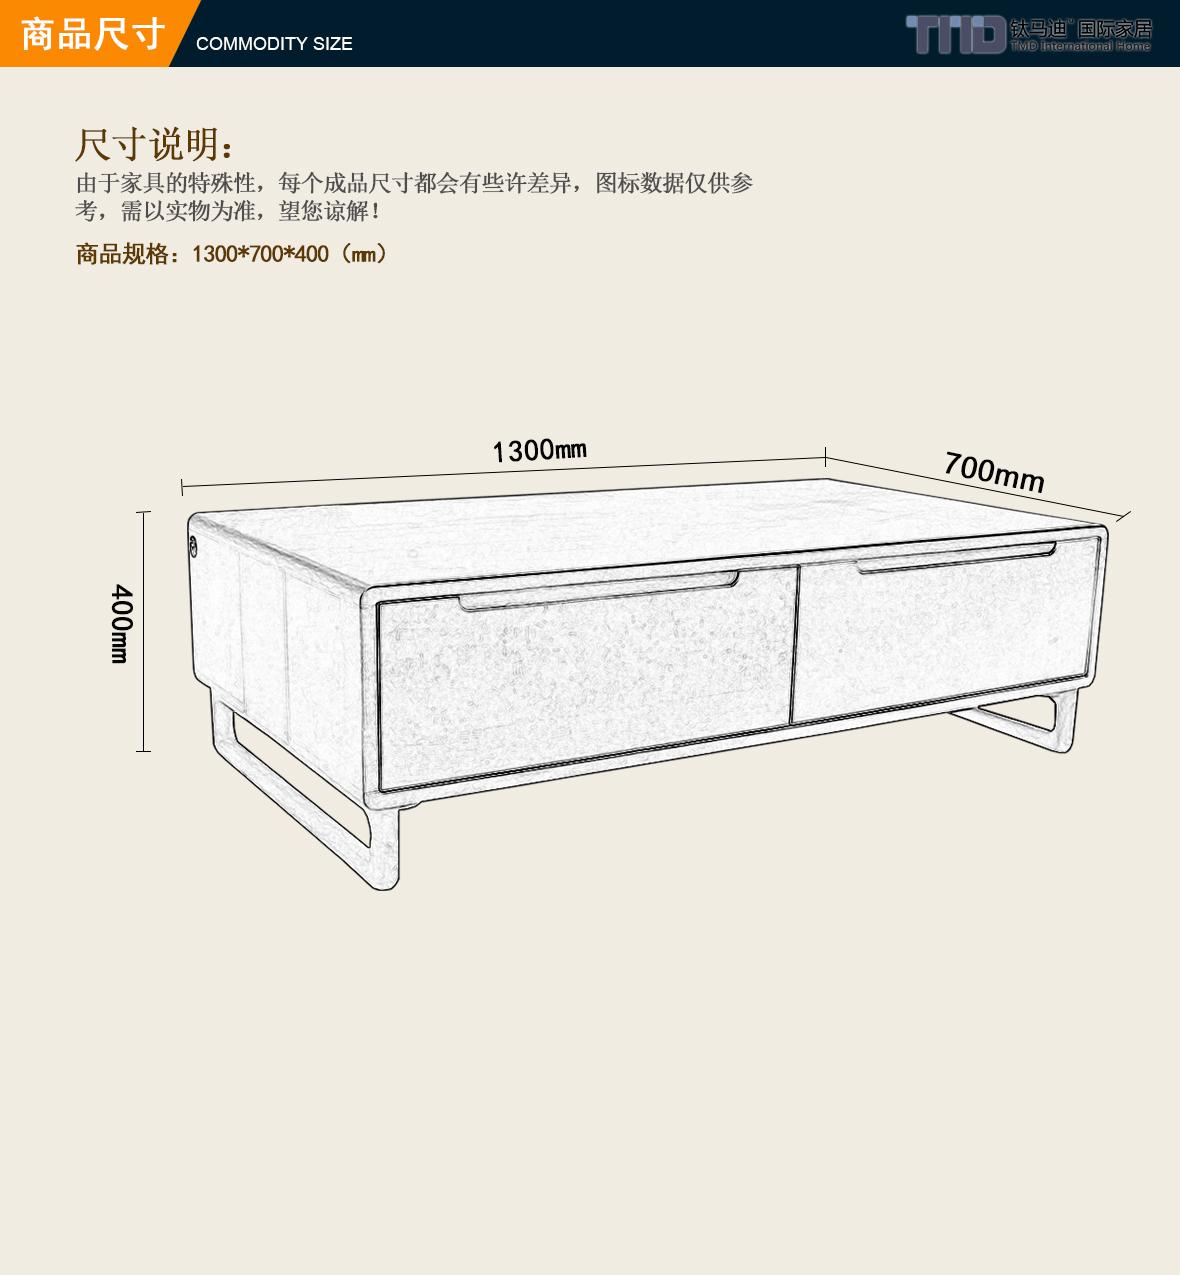 钛马迪 长茶几130 TK50 山毛榉木实木茶几 实木家具 尺寸